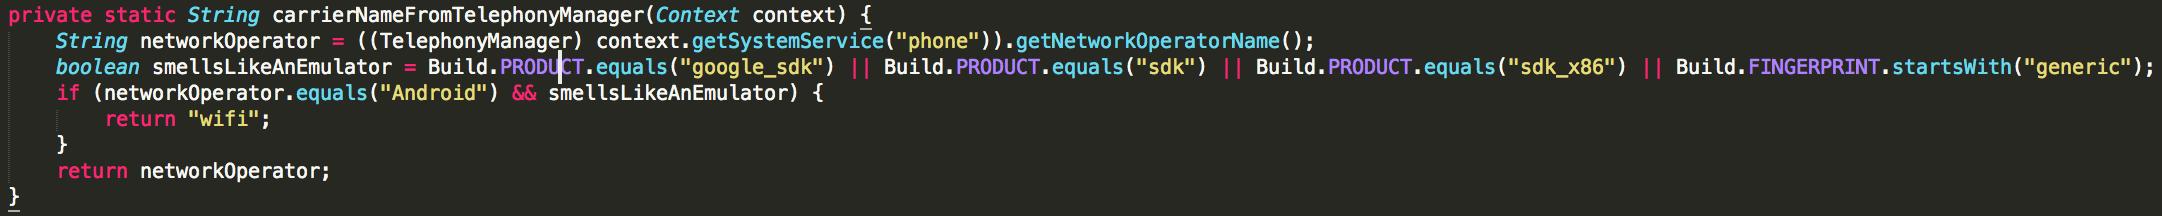 Другой пример кода